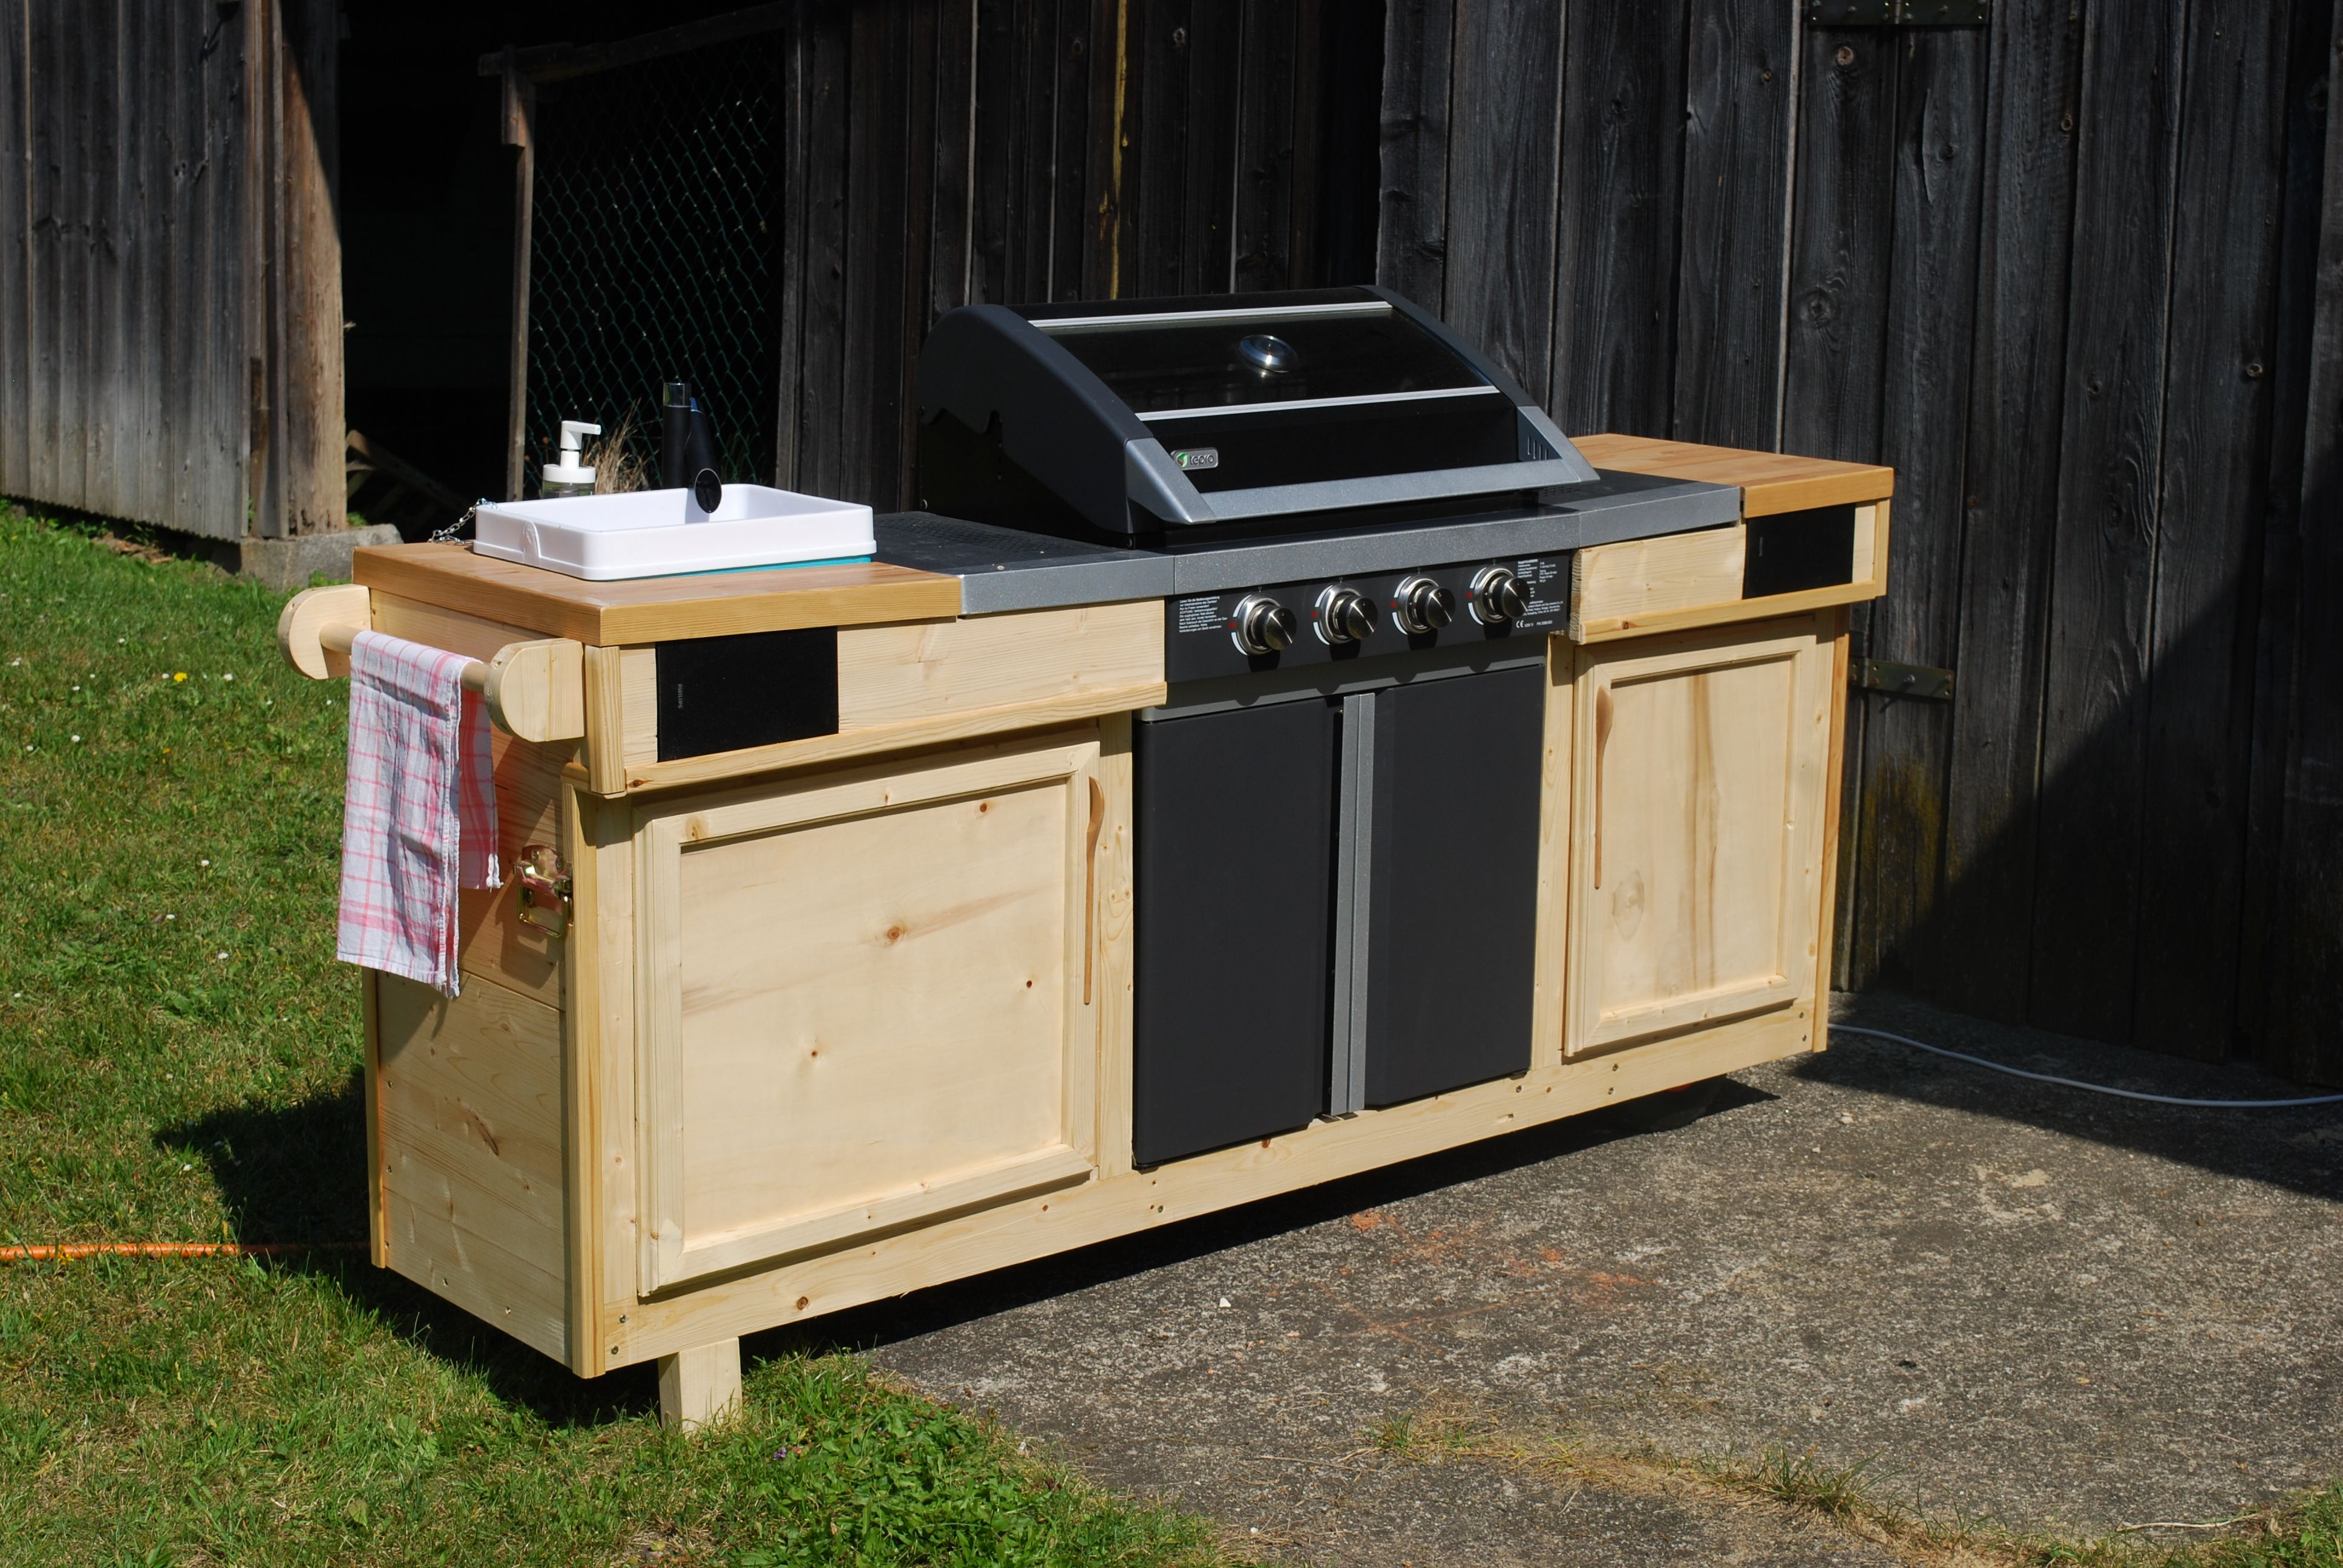 Outdoorküche Bausatz Forum : Outdoorküche bausatz forum: capri outdoor küche grillkamin bausatz